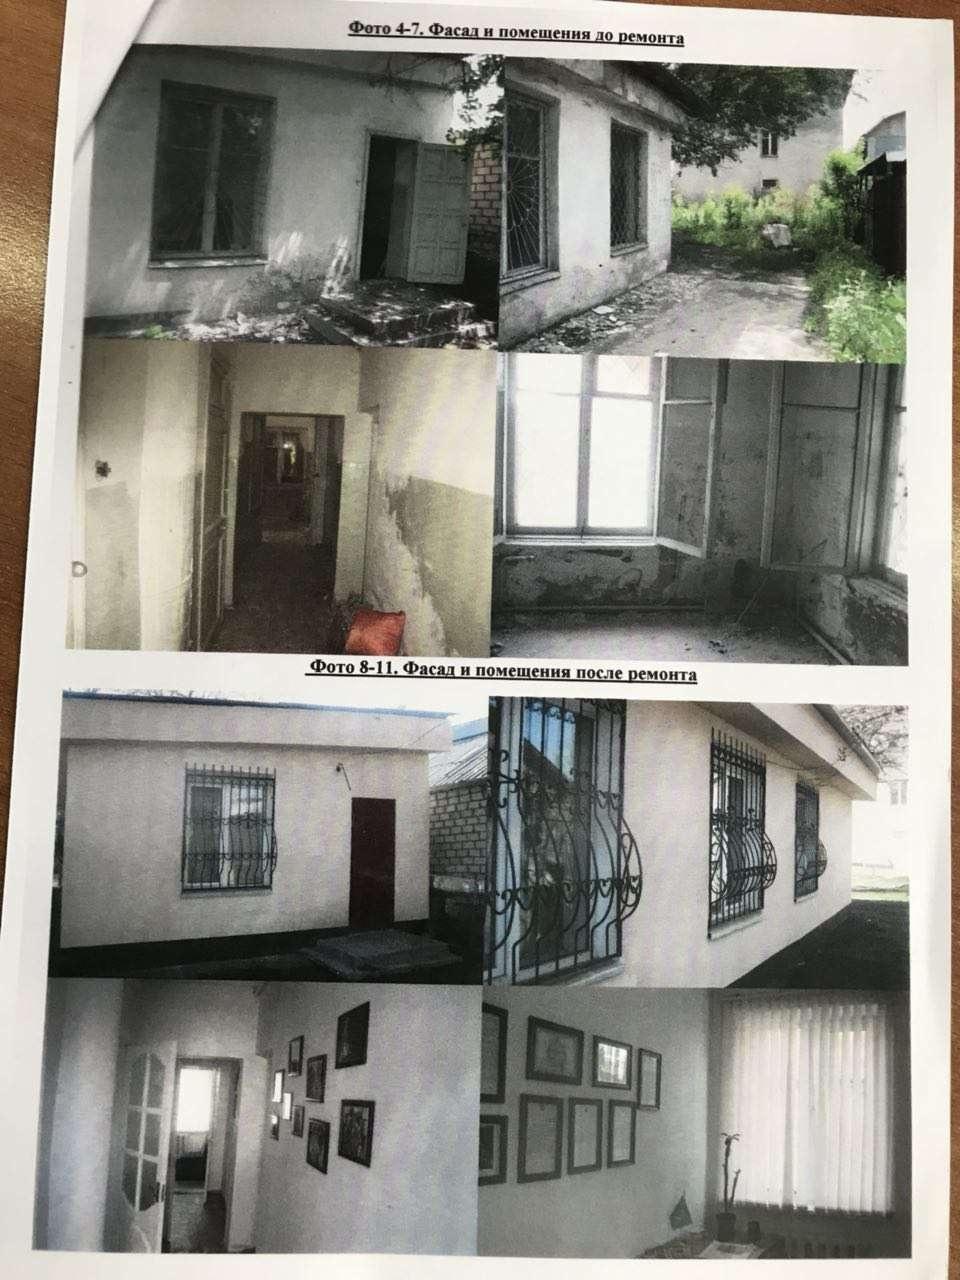 Состояние здания до и после ремонта